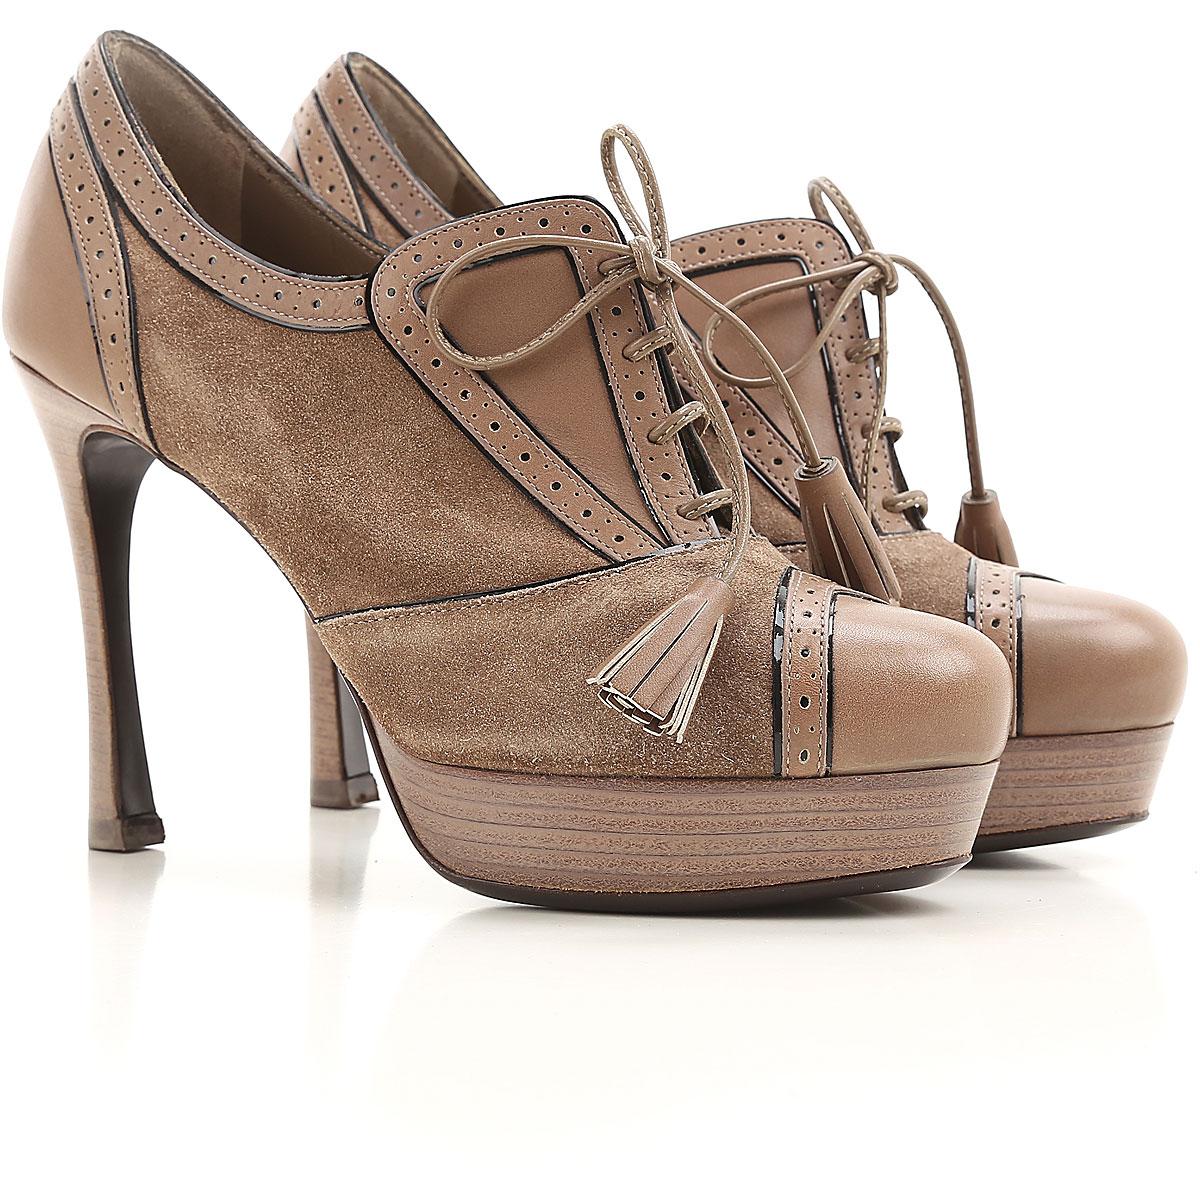 chaussures femme yves saint laurent code produit 300389 bz0x0 2348. Black Bedroom Furniture Sets. Home Design Ideas